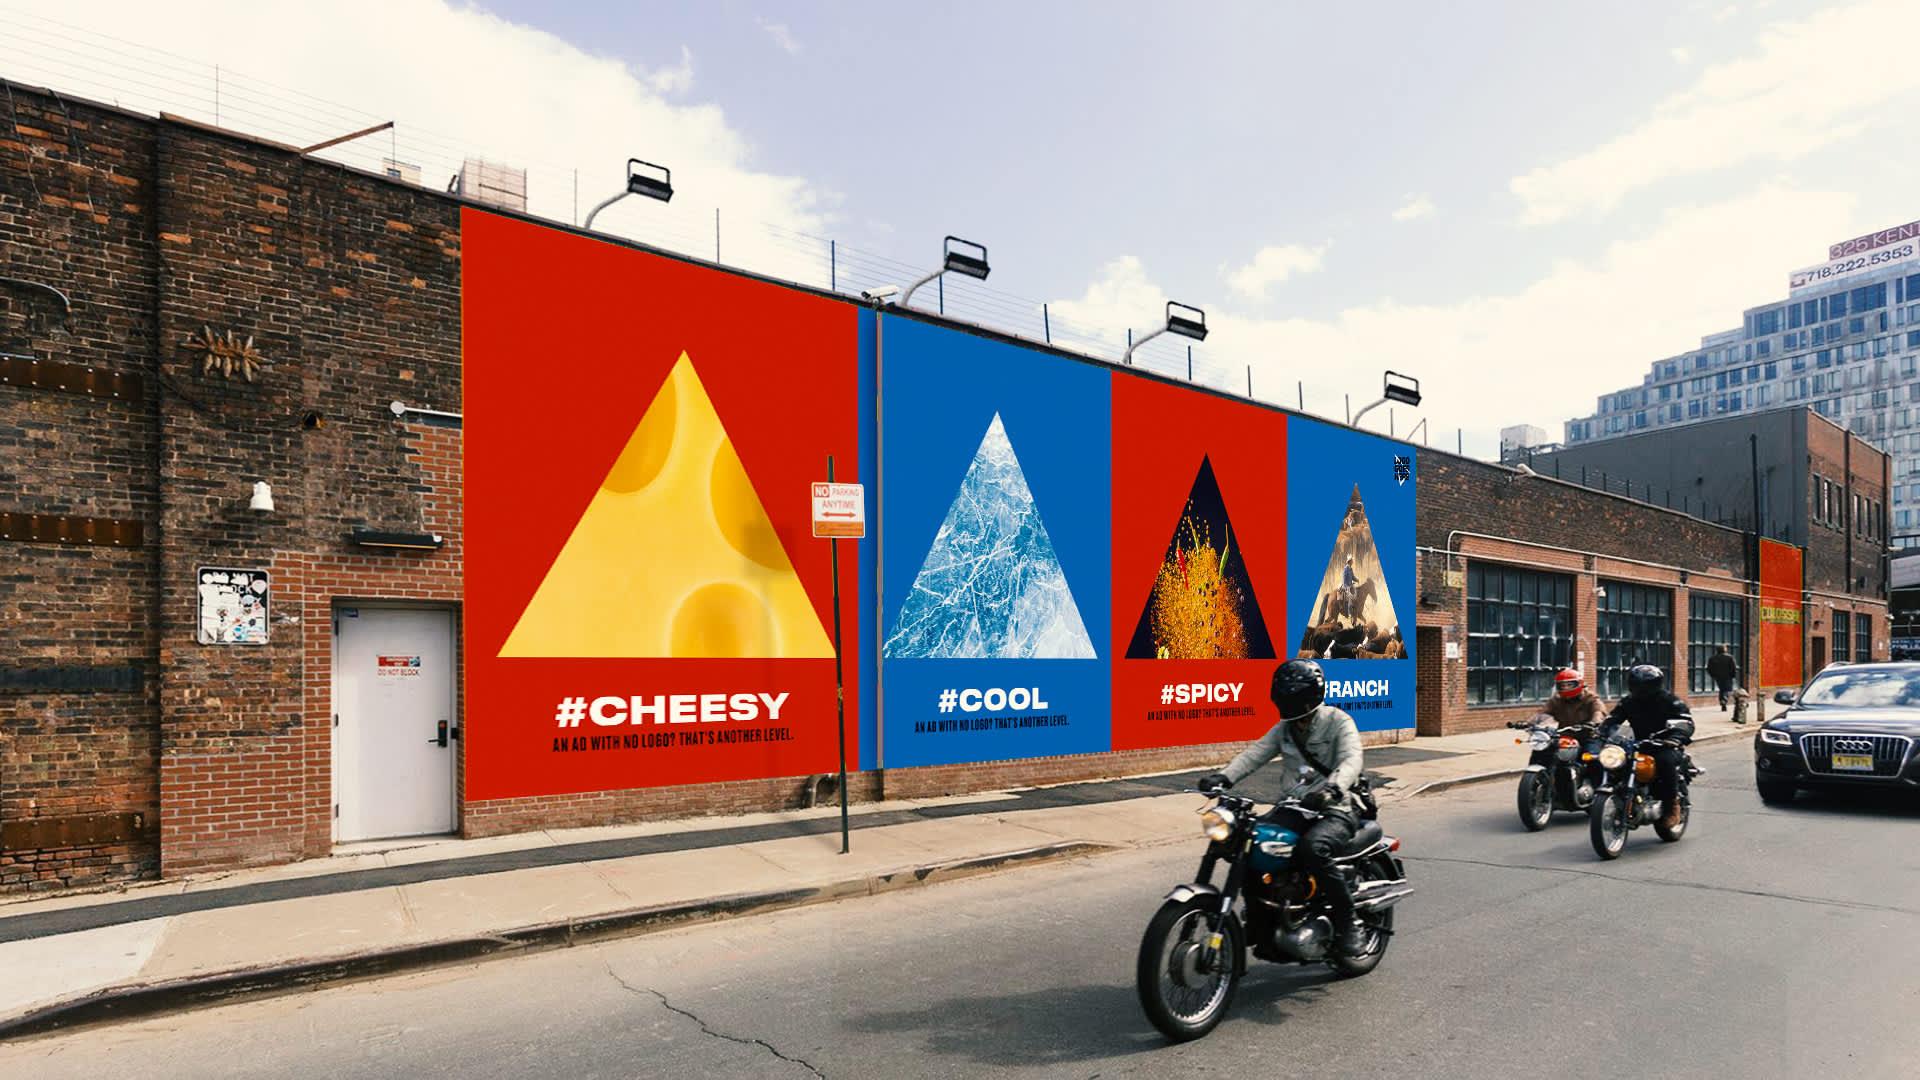 Gen Z doesn't like branding, so Doritos tries a new approach